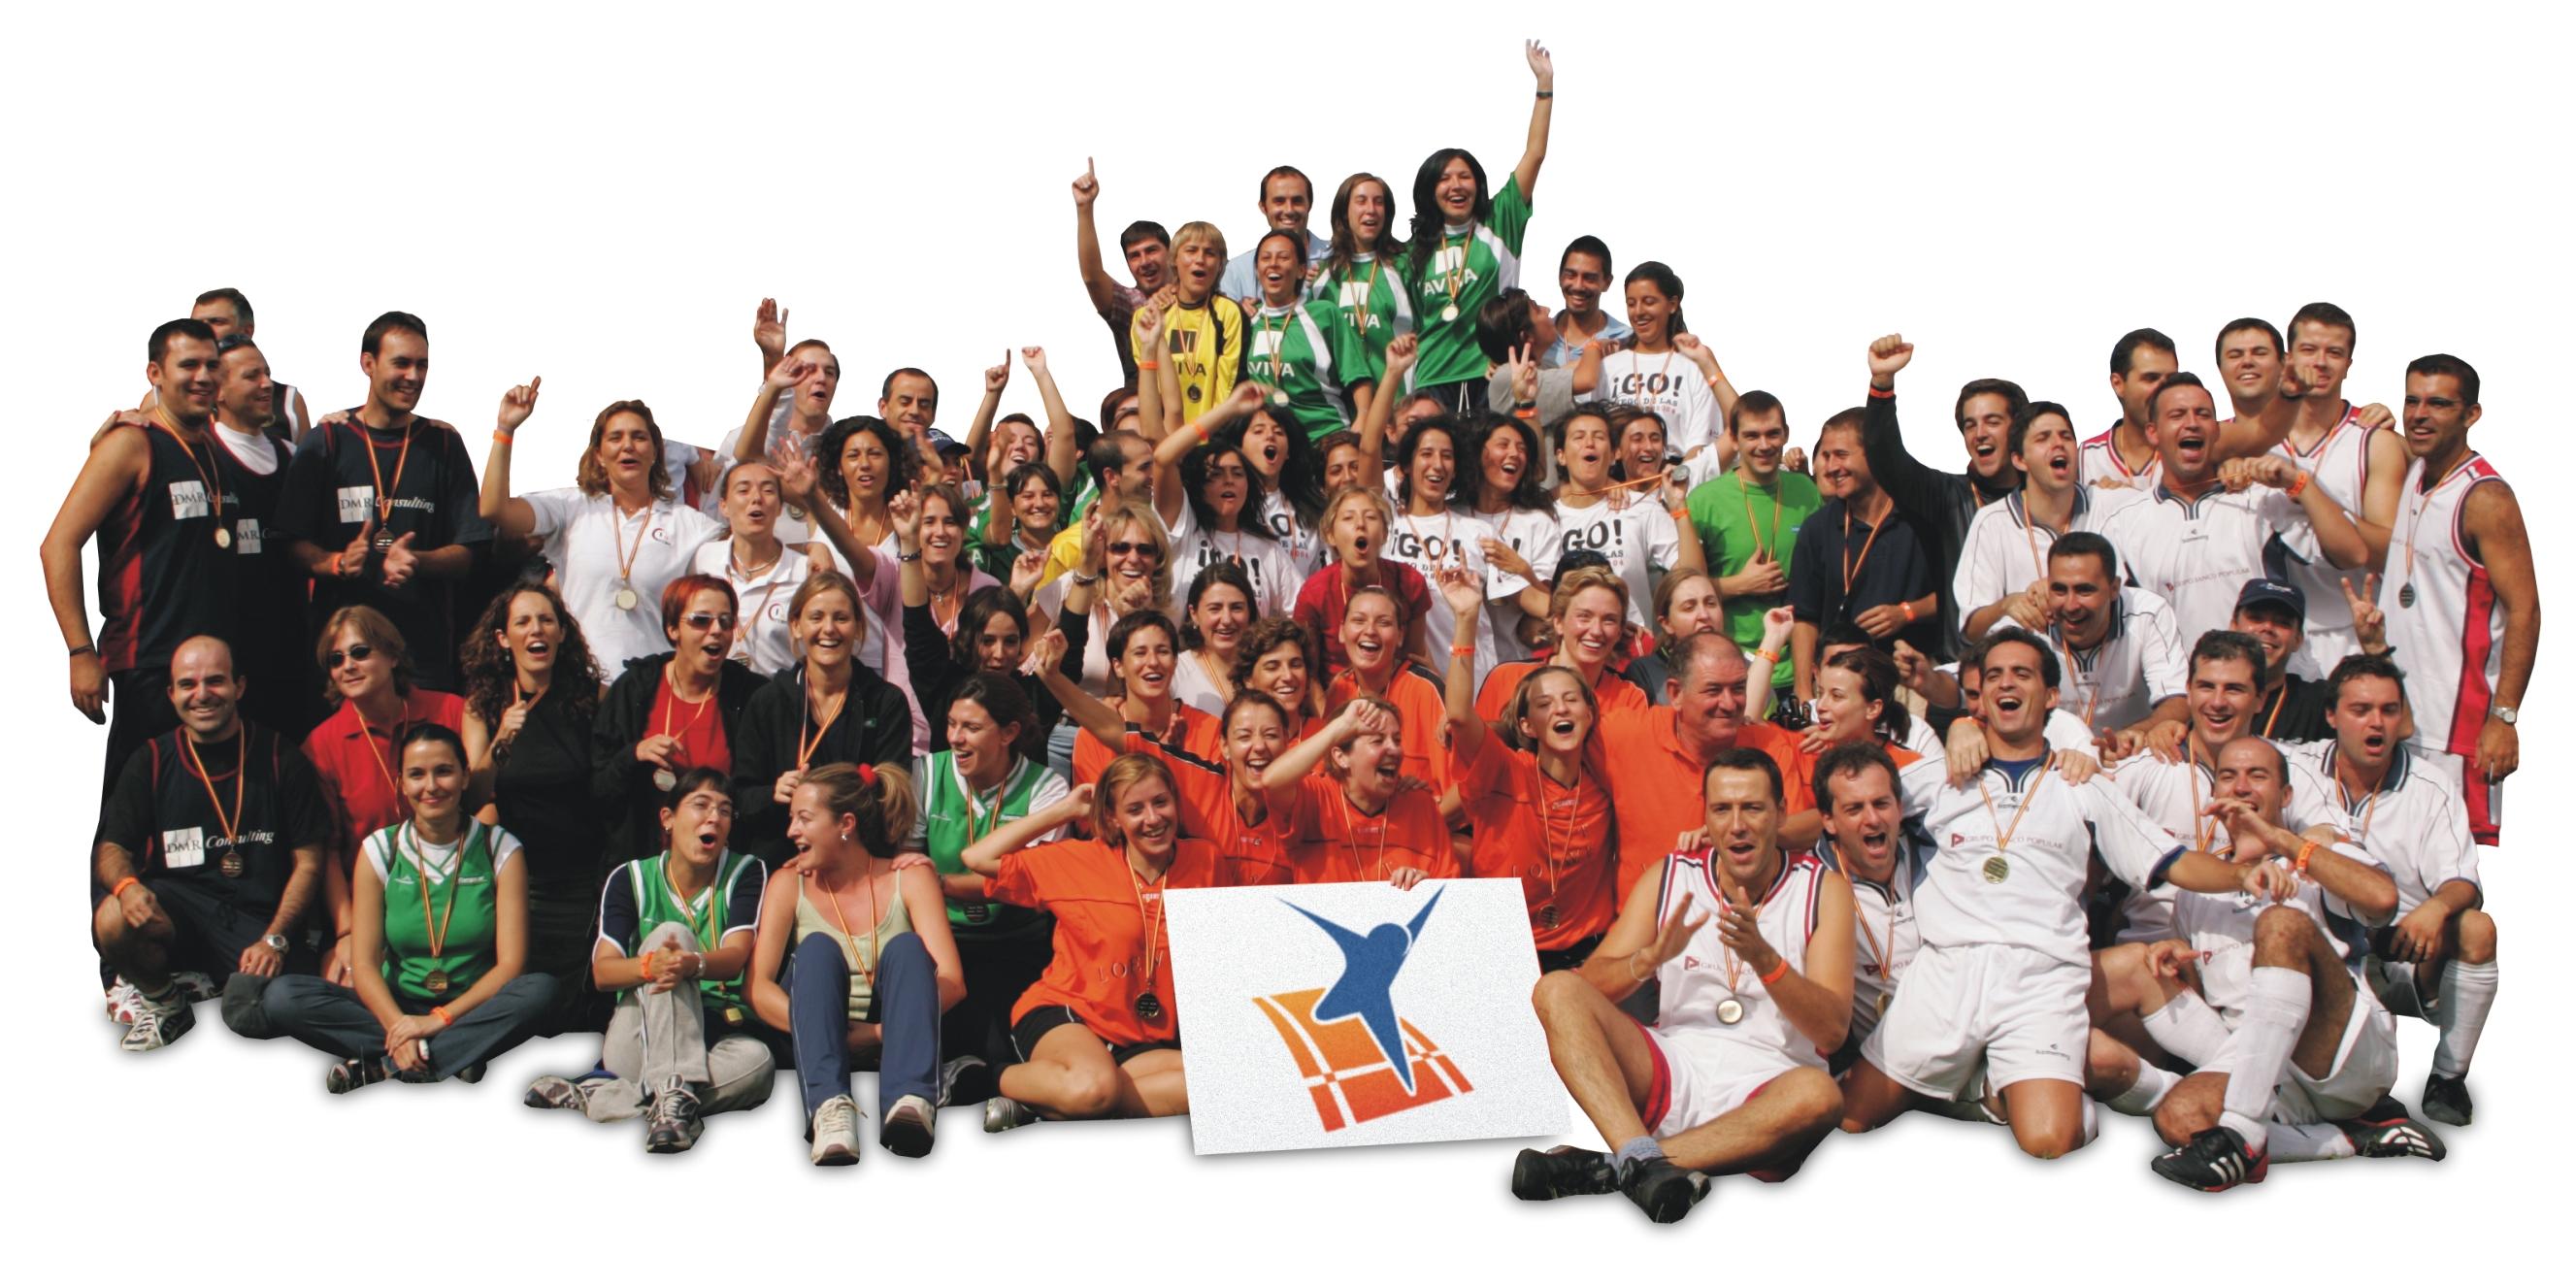 Comienza la XI edición de los JJ.EE. en Madrid